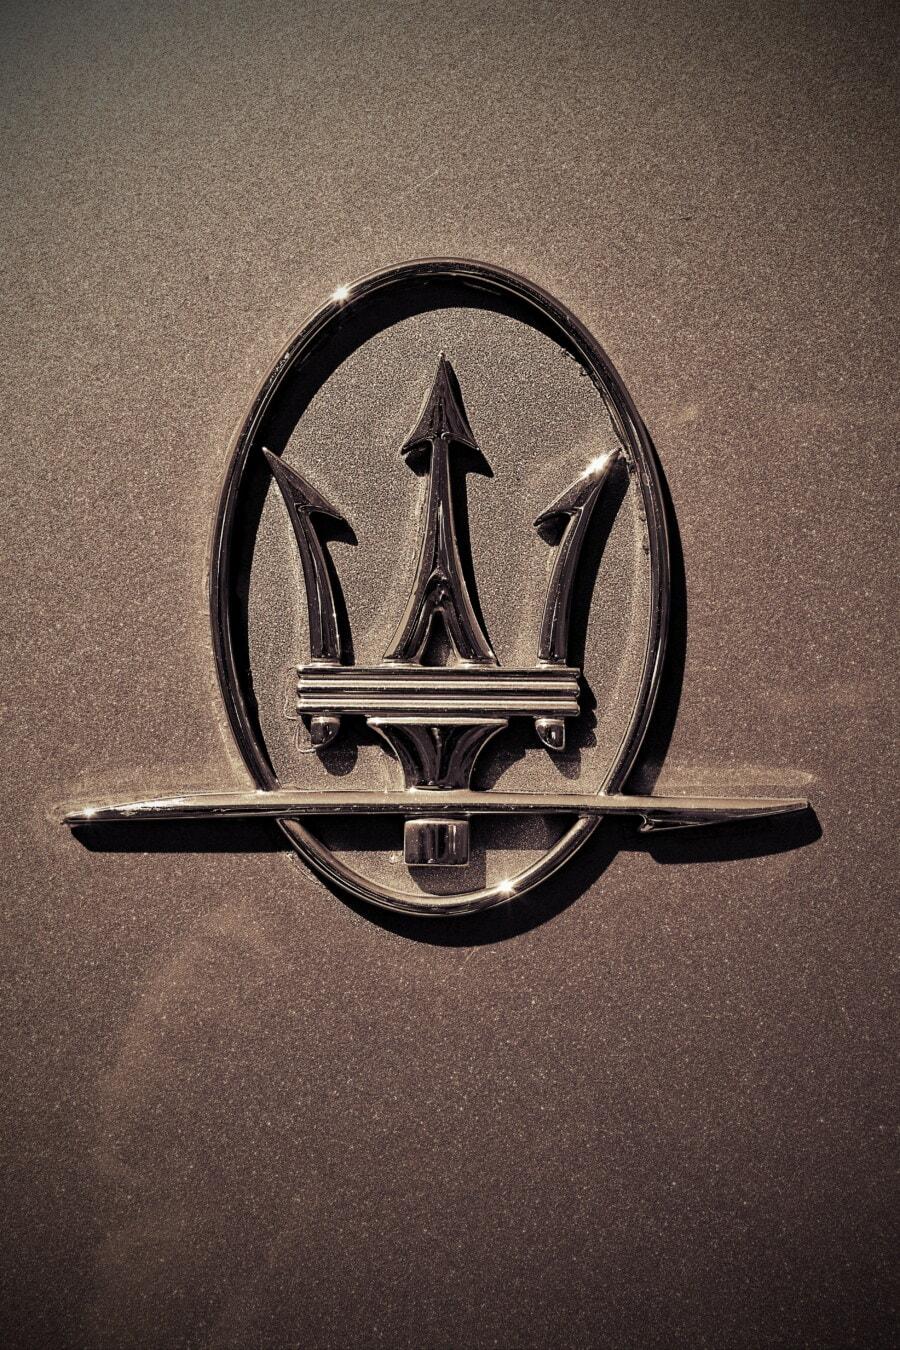 Maserati, luksus, symbolet, bil, tegn, krom, metallisk, Metal, skinner, glanset, tekstur